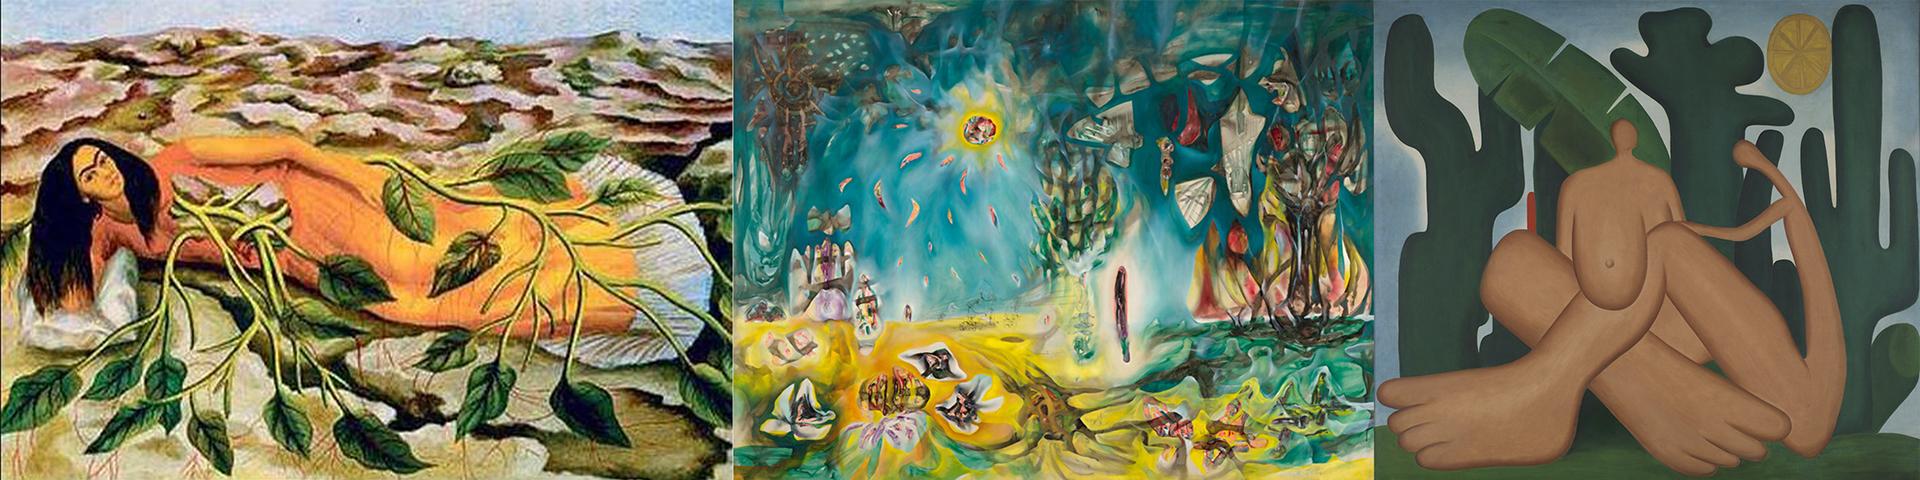 Frida, Matta y Tarsila: tres obras que no pudo conseguir